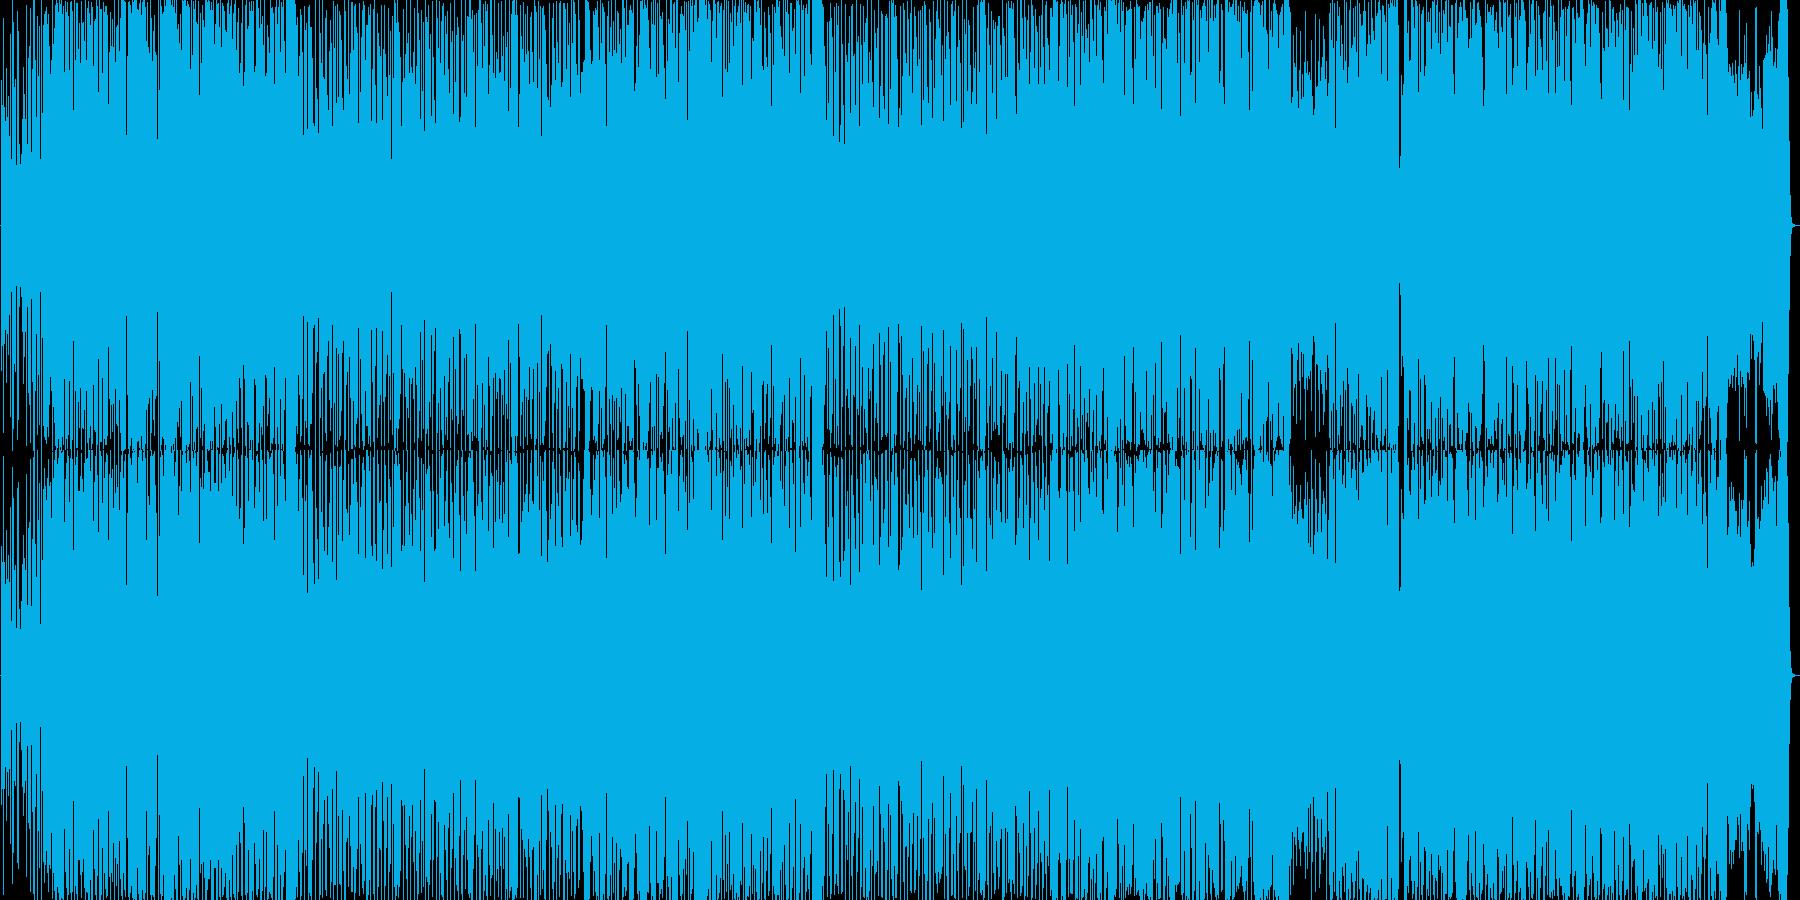 ジャニーズ系ポップ風のノリノリのBGMの再生済みの波形